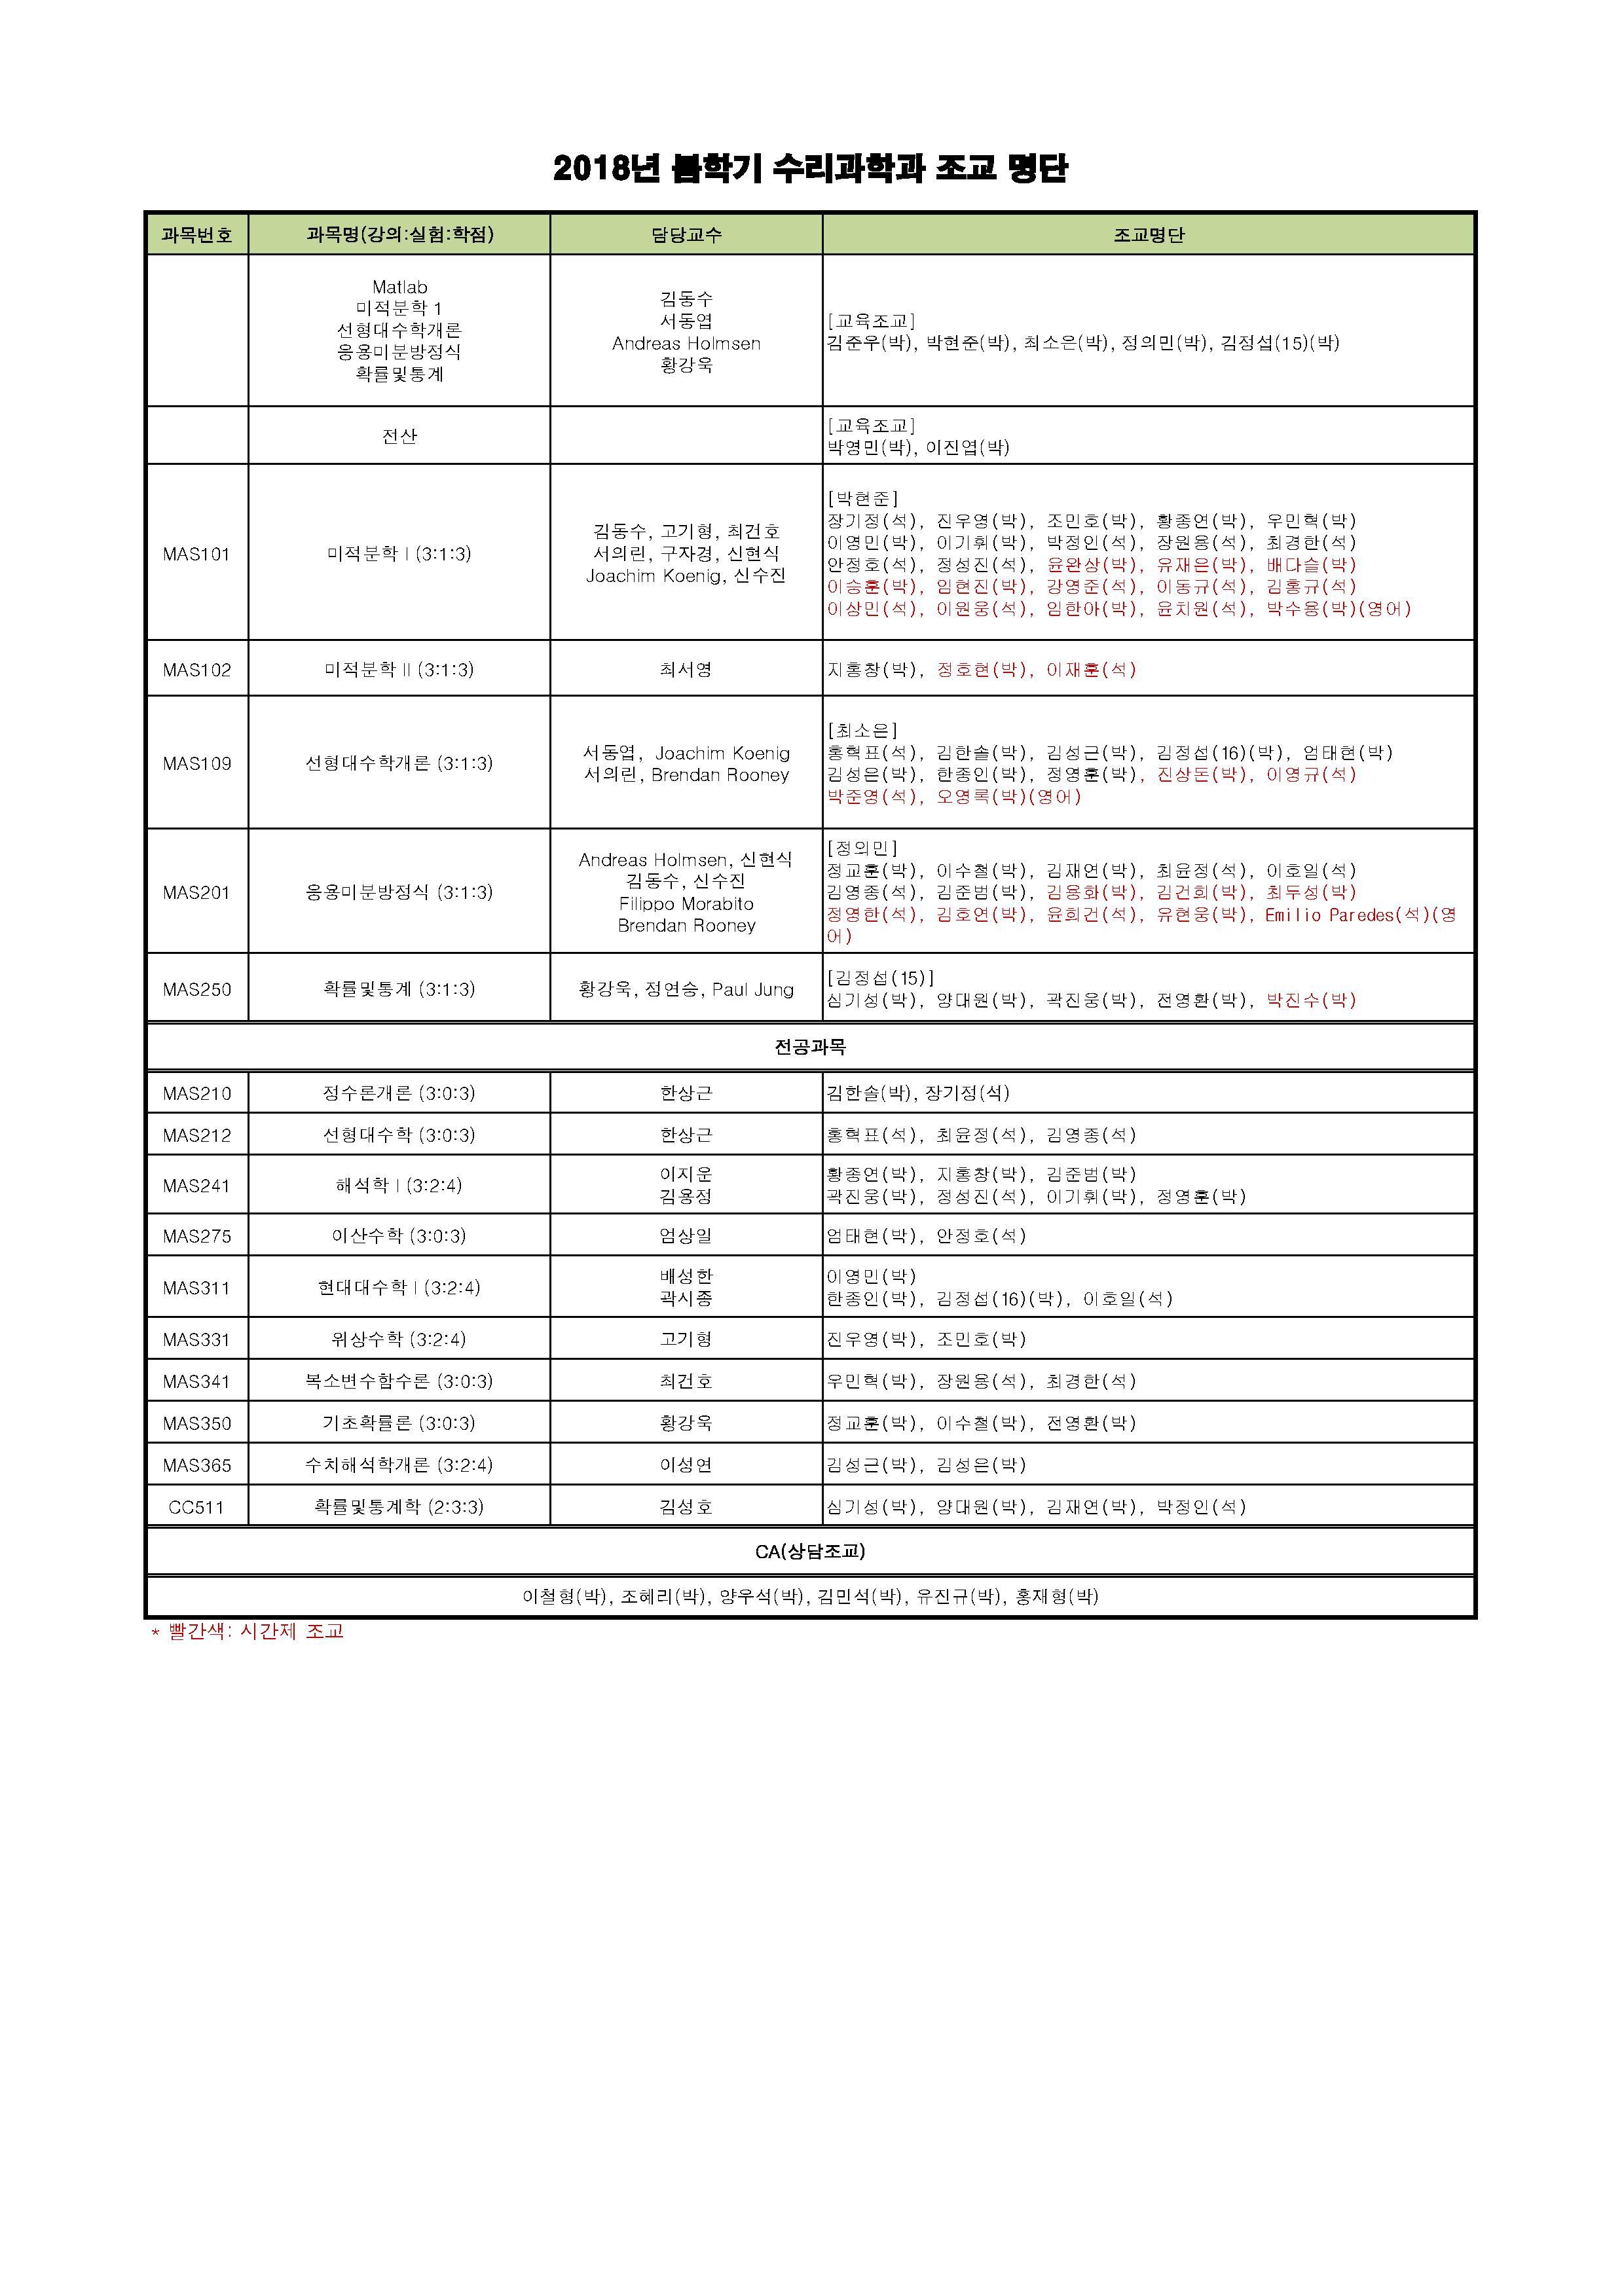 2018년 봄학기 조교명단.jpg